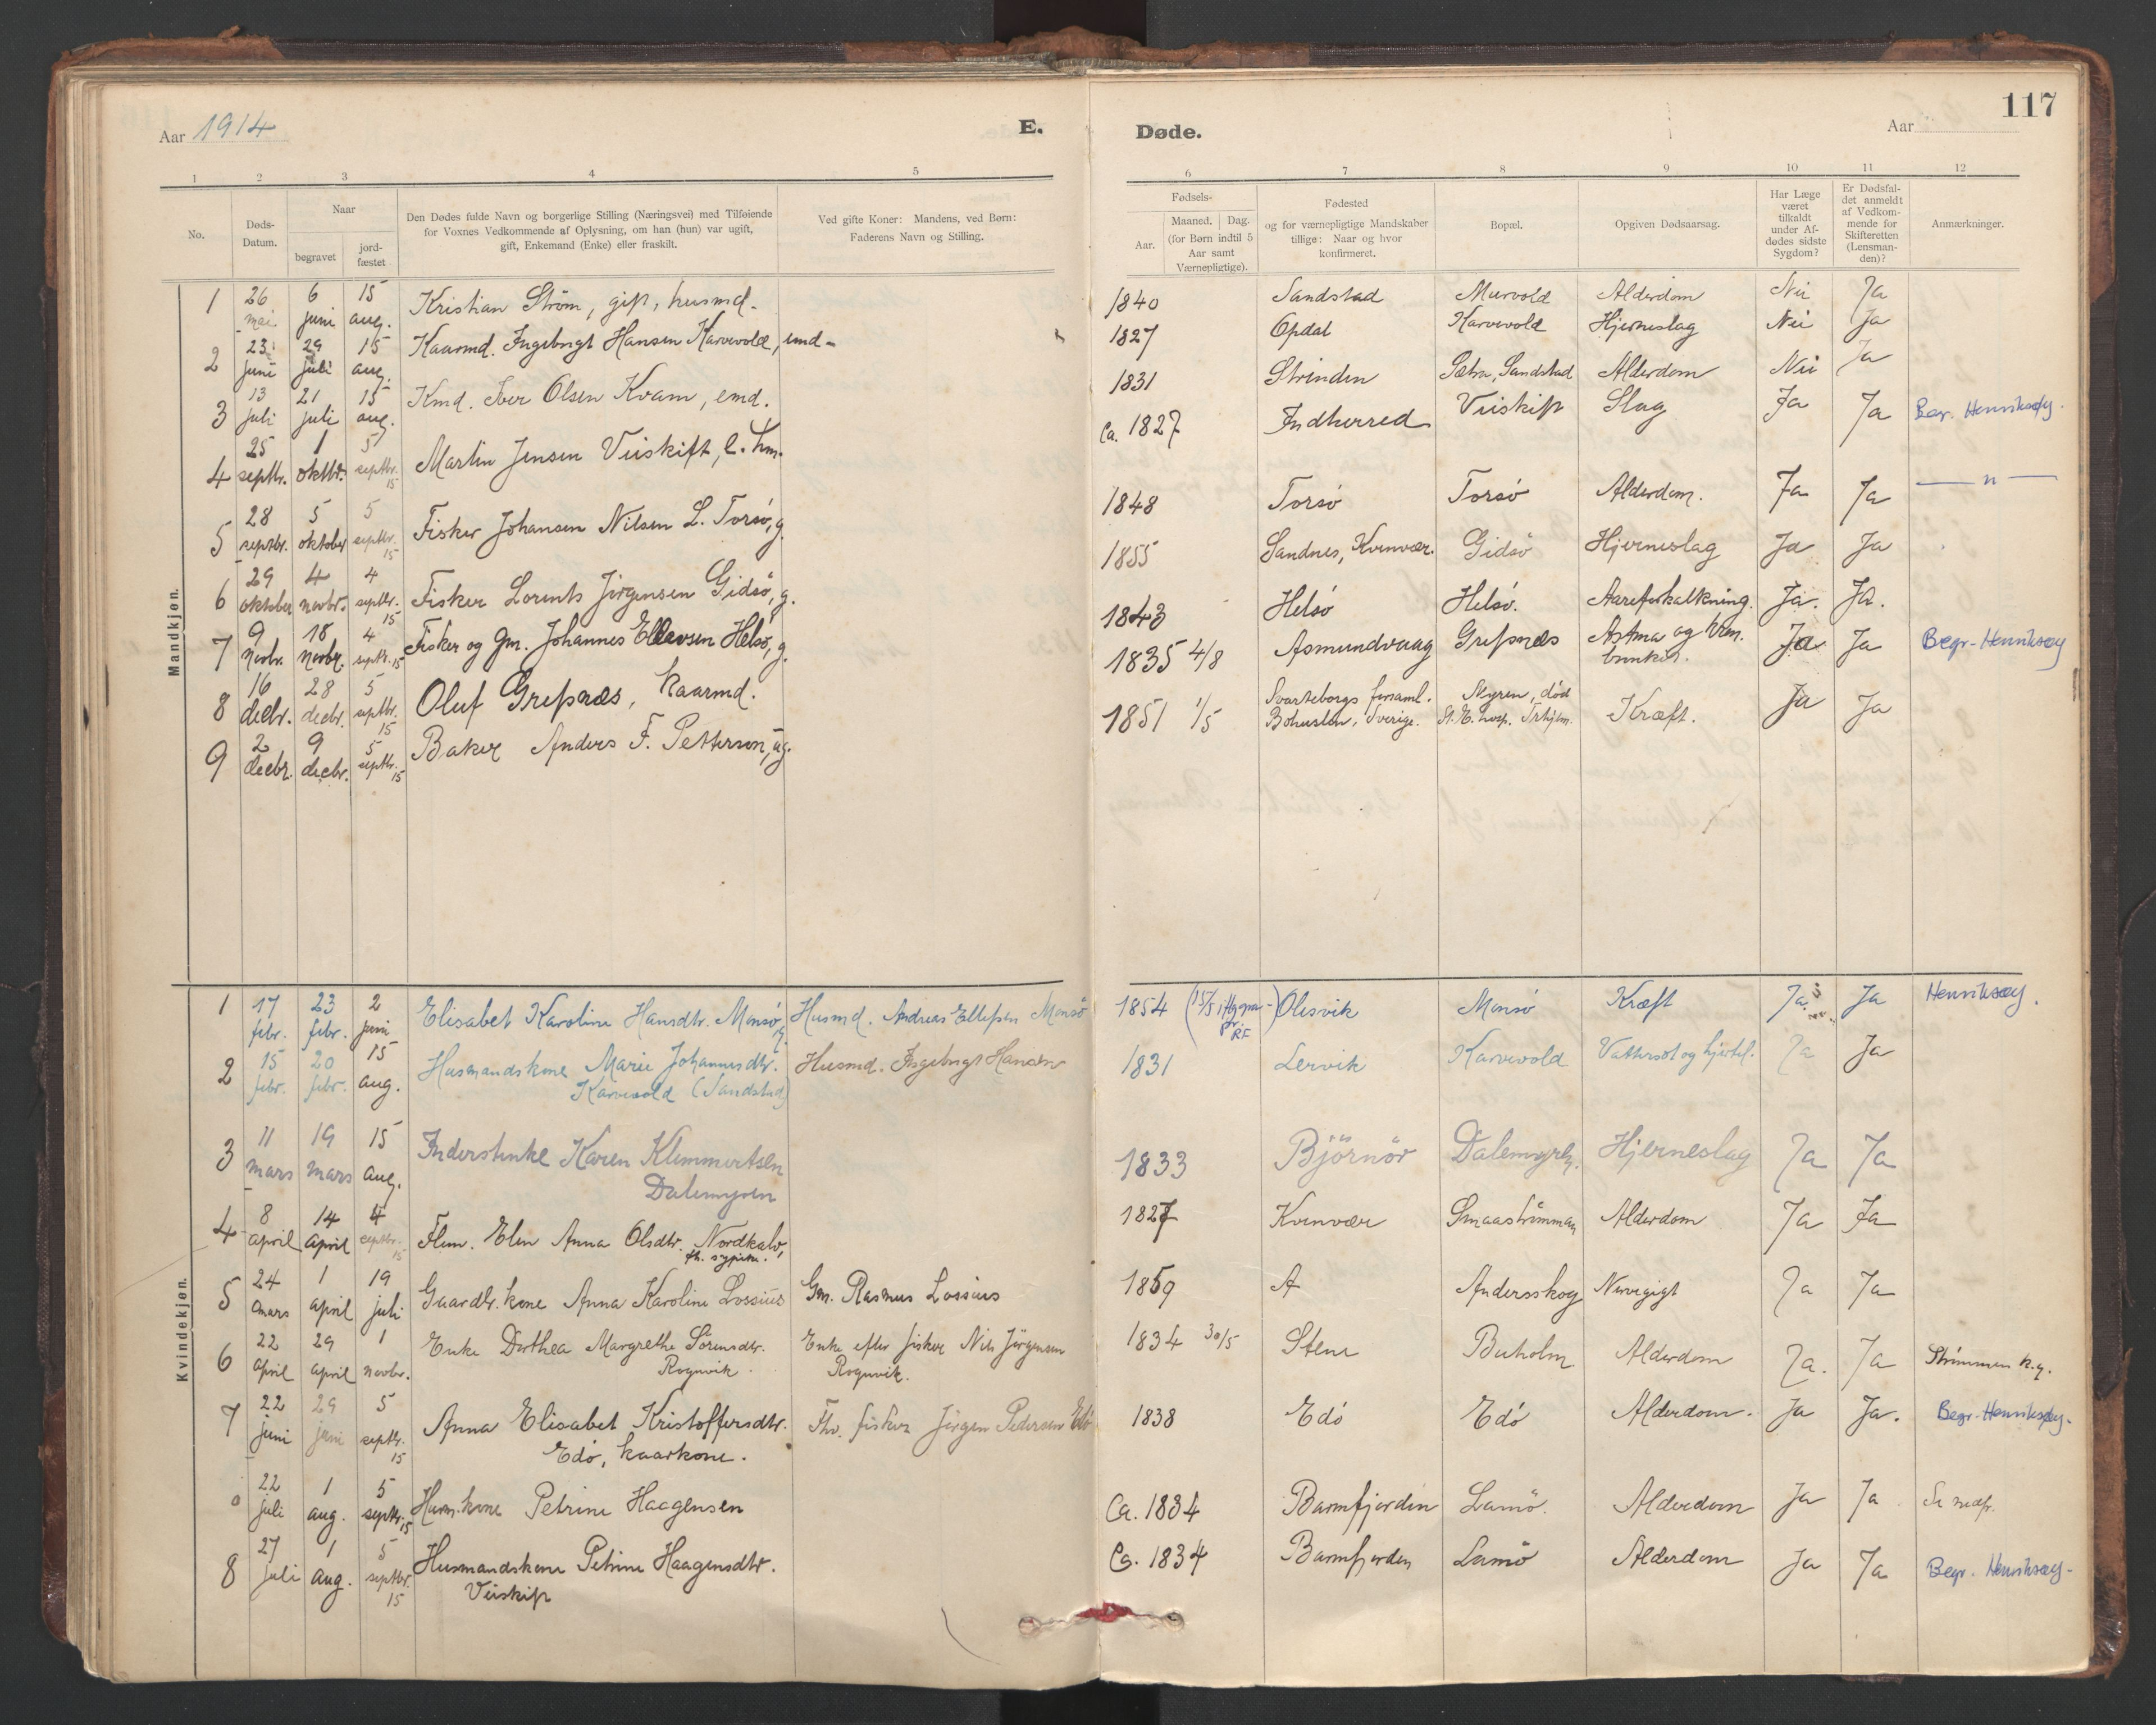 SAT, Ministerialprotokoller, klokkerbøker og fødselsregistre - Sør-Trøndelag, 635/L0552: Ministerialbok nr. 635A02, 1899-1919, s. 117